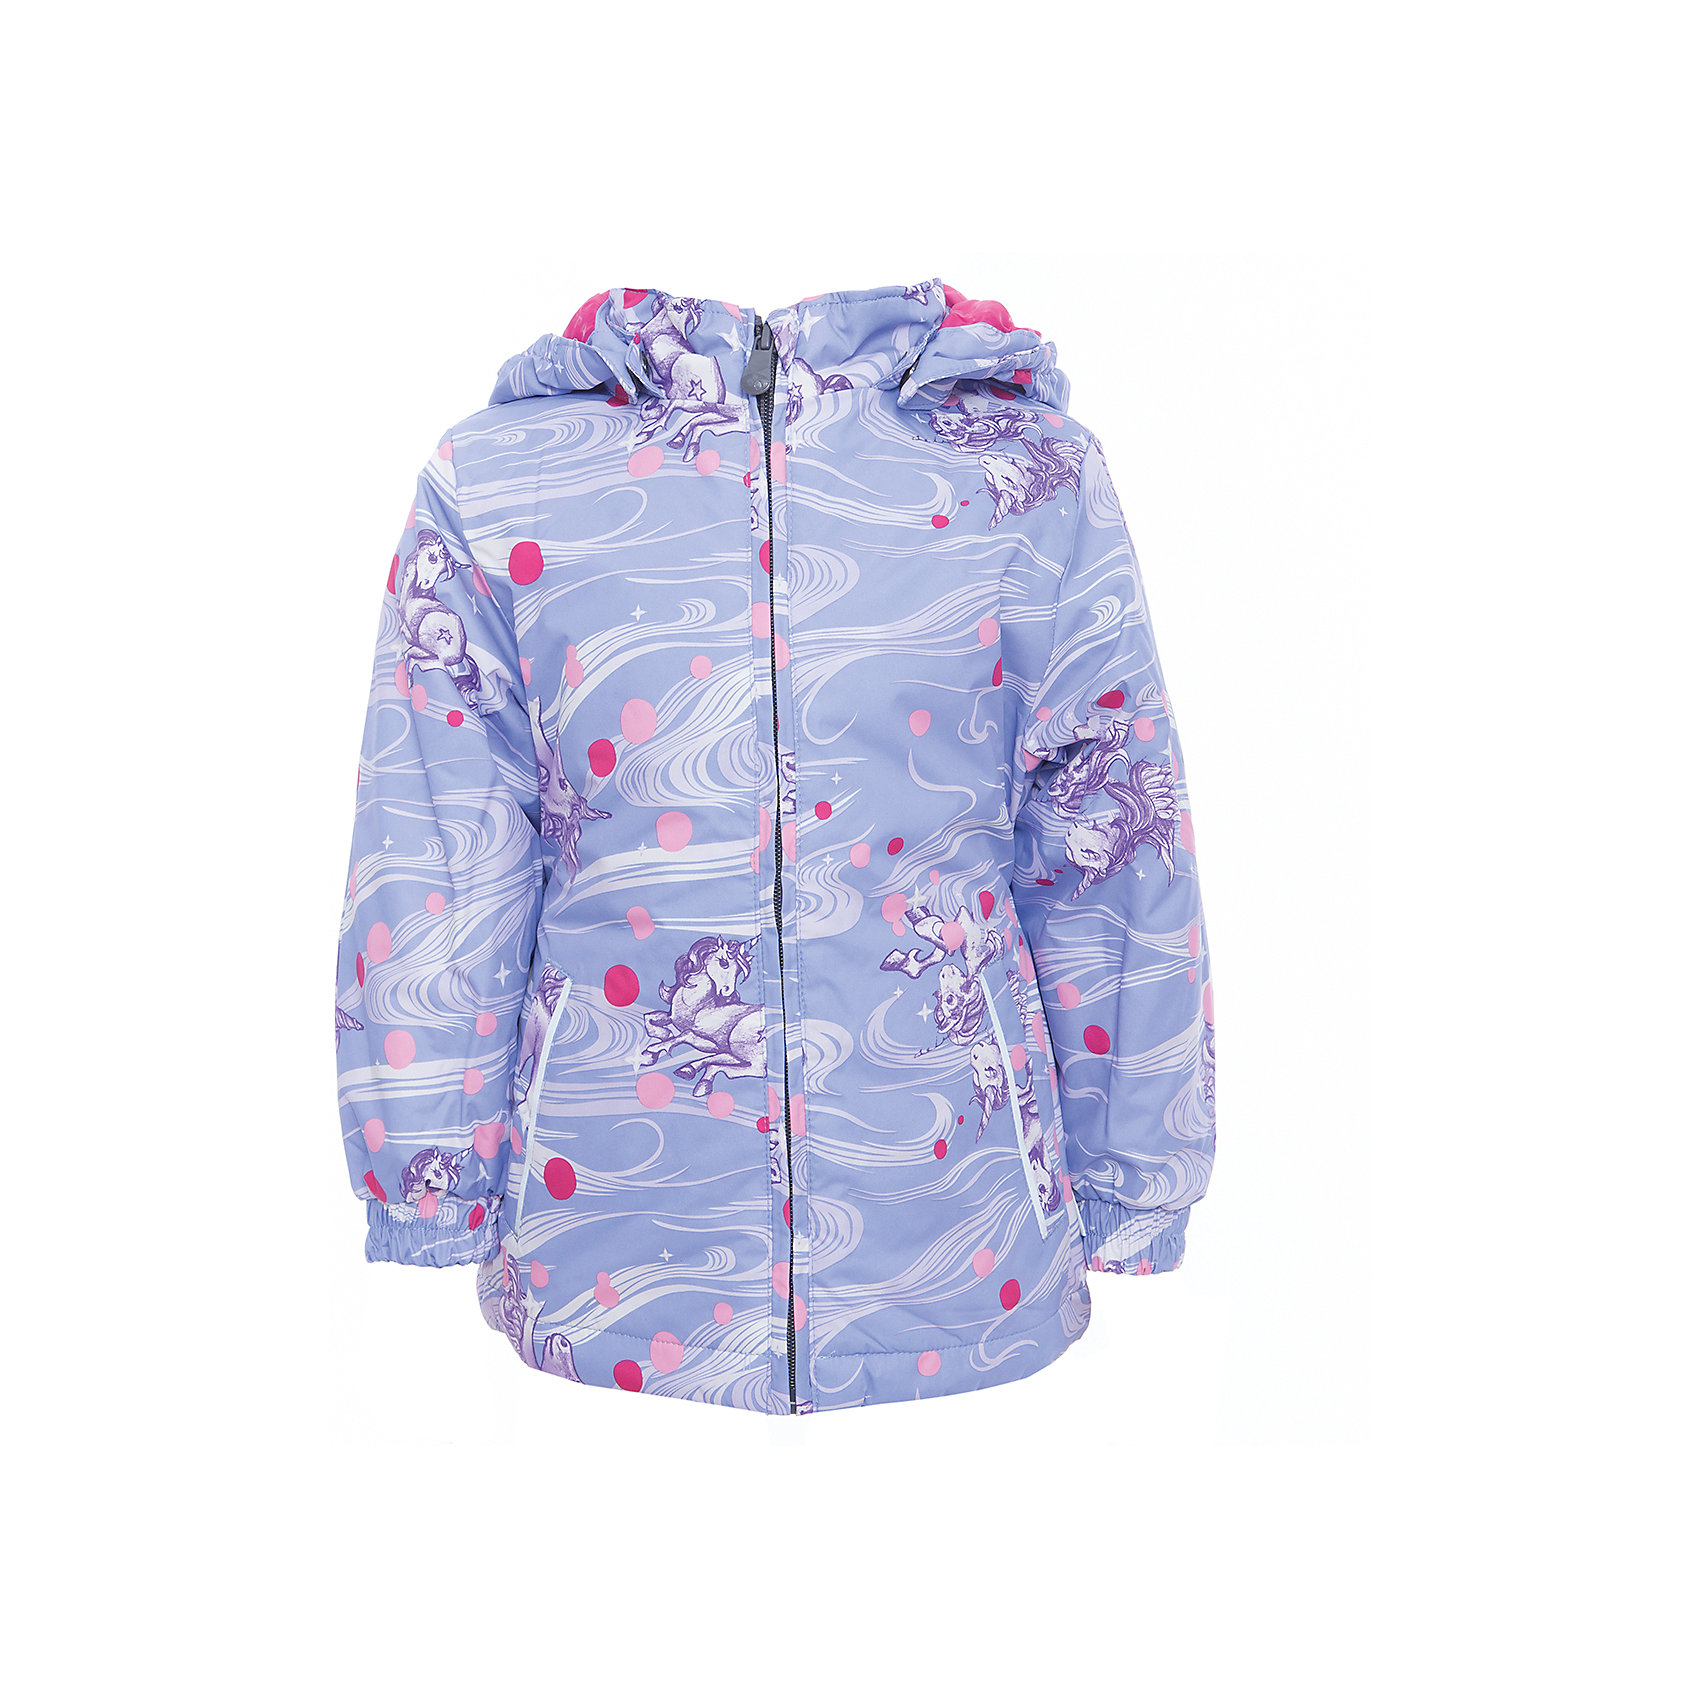 Куртка для девочки JOLY HuppaВерхняя одежда<br>Характеристики товара:<br><br>• цвет: сиреневый принт<br>• ткань: 100% полиэстер<br>• подкладка: тафта - 100% полиэстер<br>• утеплитель: 100% полиэстер 100 г<br>• температурный режим: от -5°С до +10°С<br>• водонепроницаемость: 5000 мм<br>• воздухопроницаемость: 5000 мм<br>• светоотражающие детали<br>• эластичные манжеты<br>• молния<br>• съёмный капюшон с резинкой<br>• карманы<br>• комфортная посадка<br>• коллекция: весна-лето 2017<br>• страна бренда: Эстония<br><br>Такая легкая и стильная куртка обеспечит детям тепло и комфорт. Она сделана из материала, отталкивающего воду, и дополнено подкладкой с утеплителем, поэтому изделие идеально подходит для межсезонья. Материал изделия - с мембранной технологией: защищая от влаги и ветра, он легко выводит лишнюю влагу наружу. Для удобства сделан капюшон. Куртка очень симпатично смотрится, яркая расцветка и крой добавляют ему оригинальности. Модель была разработана специально для детей.<br><br>Одежда и обувь от популярного эстонского бренда Huppa - отличный вариант одеть ребенка можно и комфортно. Вещи, выпускаемые компанией, качественные, продуманные и очень удобные. Для производства изделий используются только безопасные для детей материалы. Продукция от Huppa порадует и детей, и их родителей!<br><br>Куртку для девочки JOLY от бренда Huppa (Хуппа) можно купить в нашем интернет-магазине.<br><br>Ширина мм: 356<br>Глубина мм: 10<br>Высота мм: 245<br>Вес г: 519<br>Цвет: розовый<br>Возраст от месяцев: 18<br>Возраст до месяцев: 24<br>Пол: Женский<br>Возраст: Детский<br>Размер: 122,128,92,134,98,104,110,116<br>SKU: 5346811